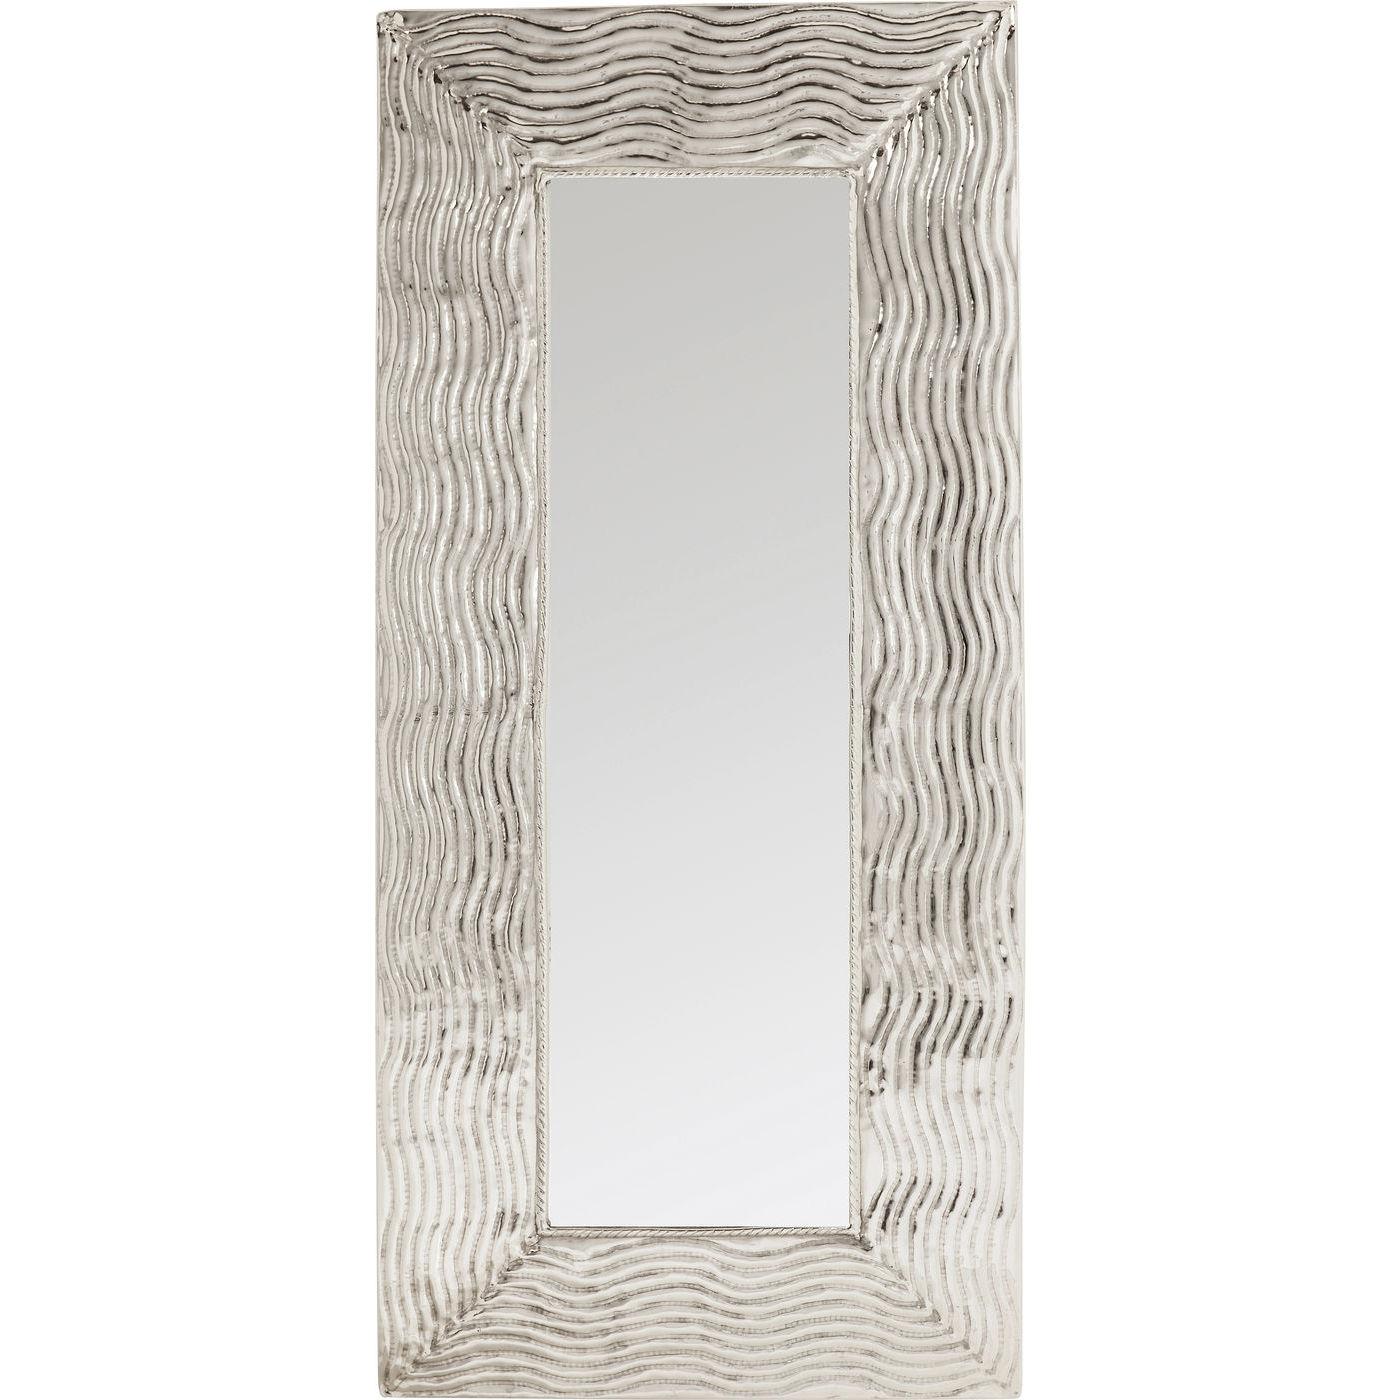 KARE DESIGN Pluto XXL vægspejl - spejlglas/sølv aluminium, håndlavet (200x90)